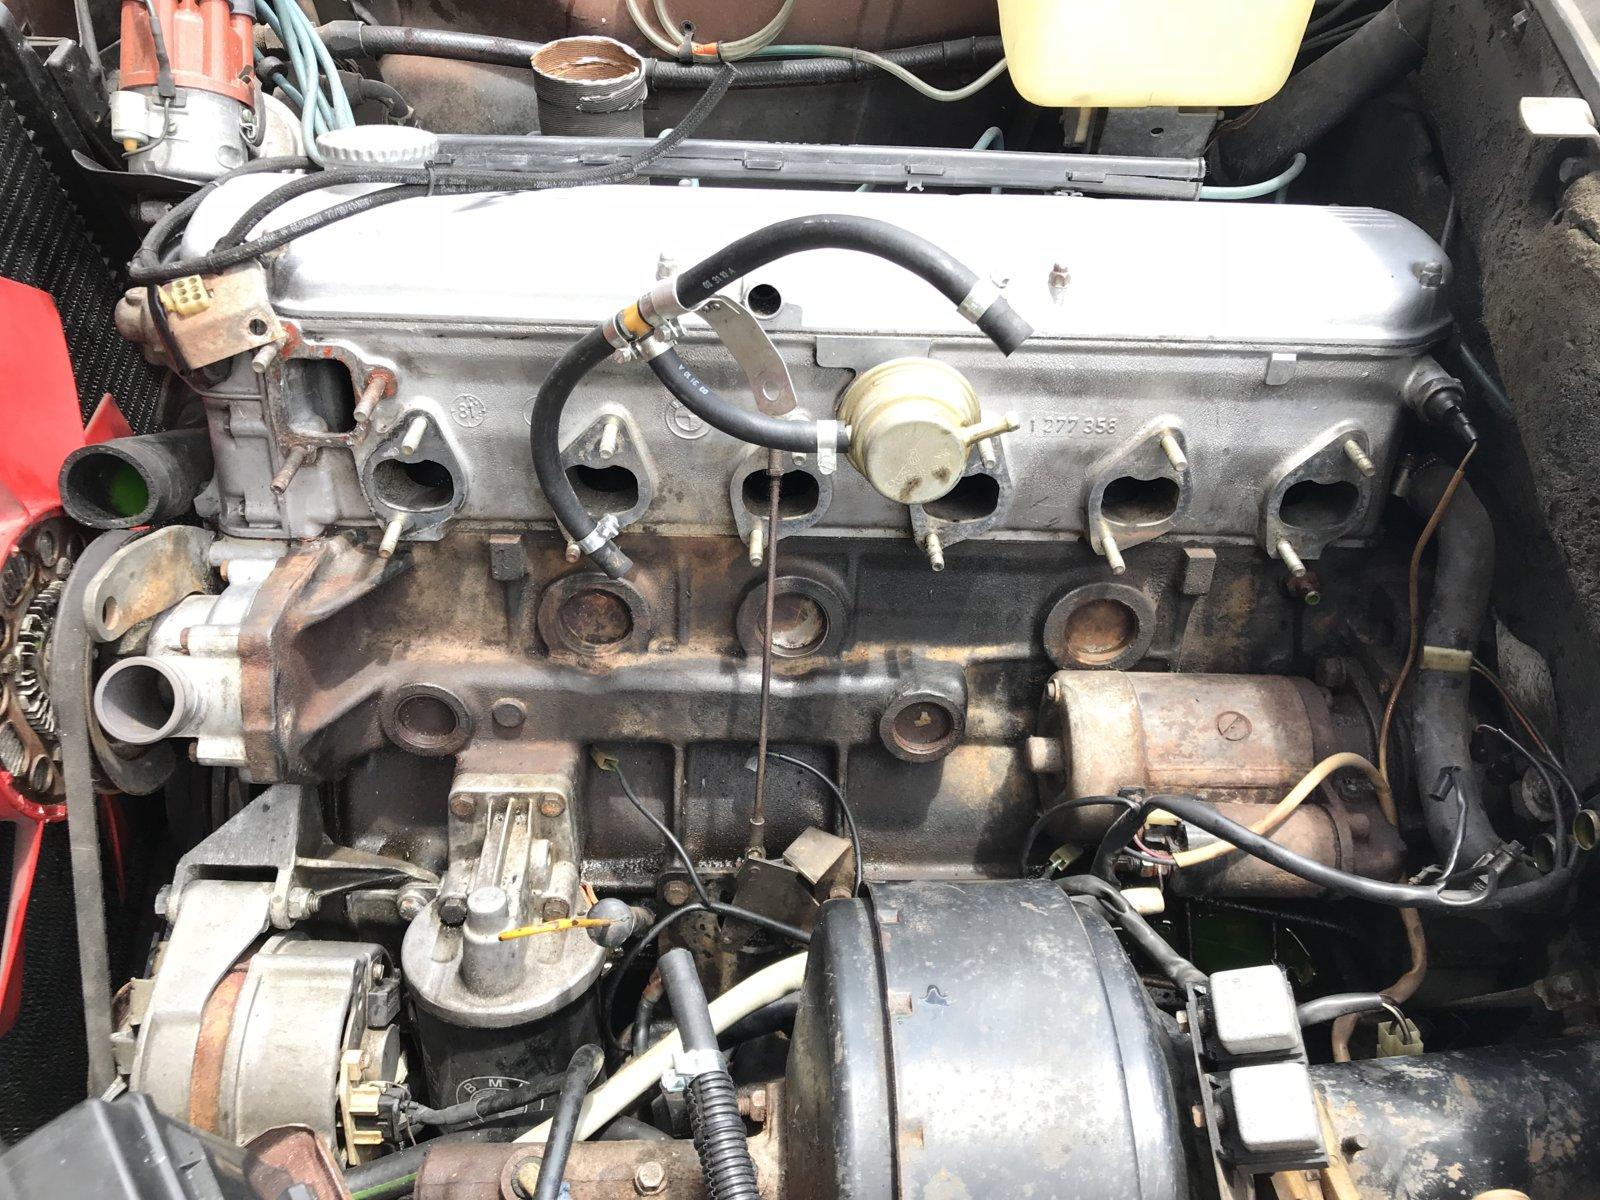 A68631A9-15B4-48F5-9DF5-AE283E33F4F0.jpeg